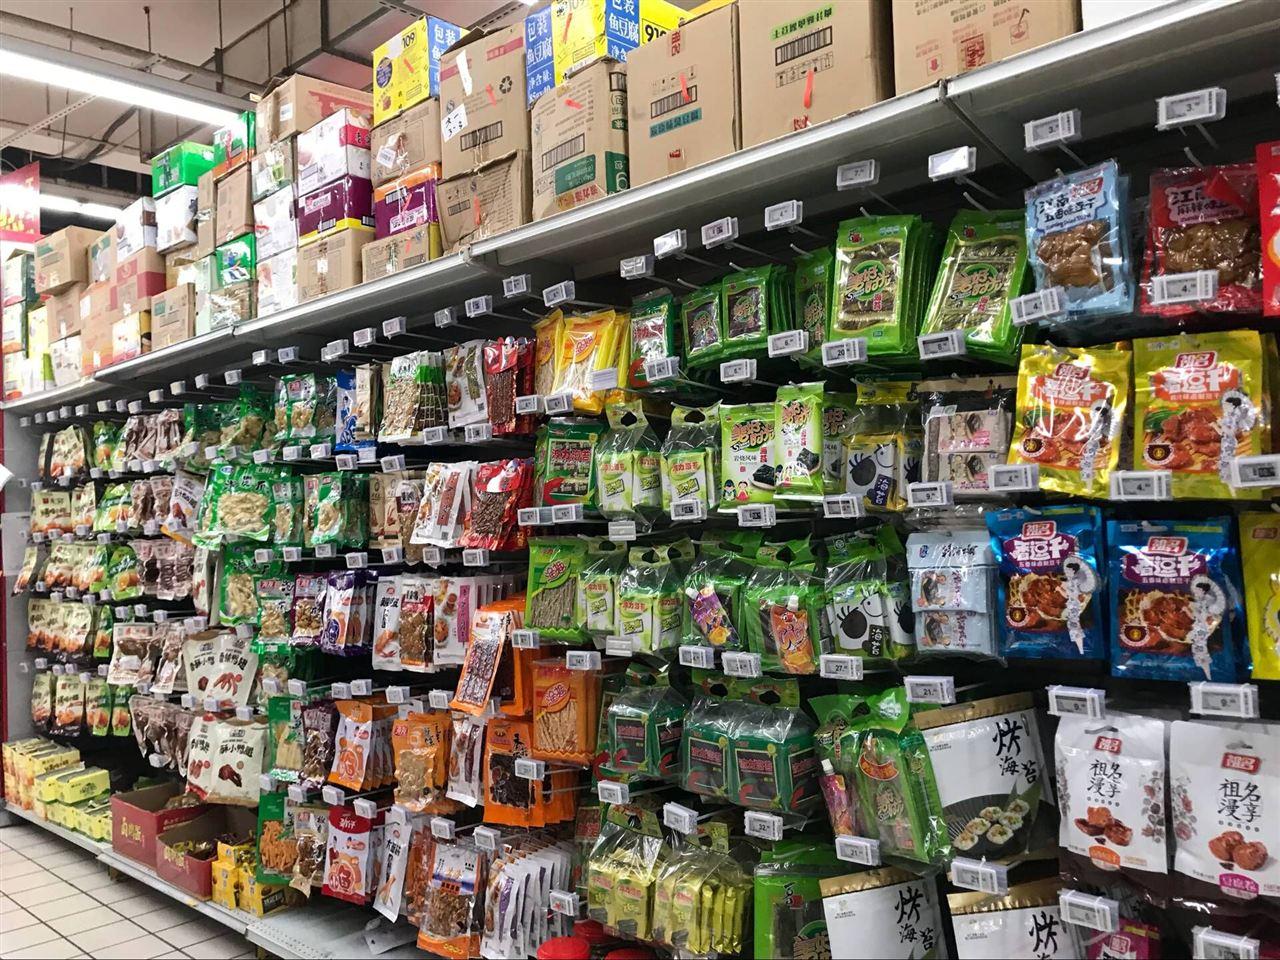 代餐食品不靠谱 科学仪器助力食品营养检测